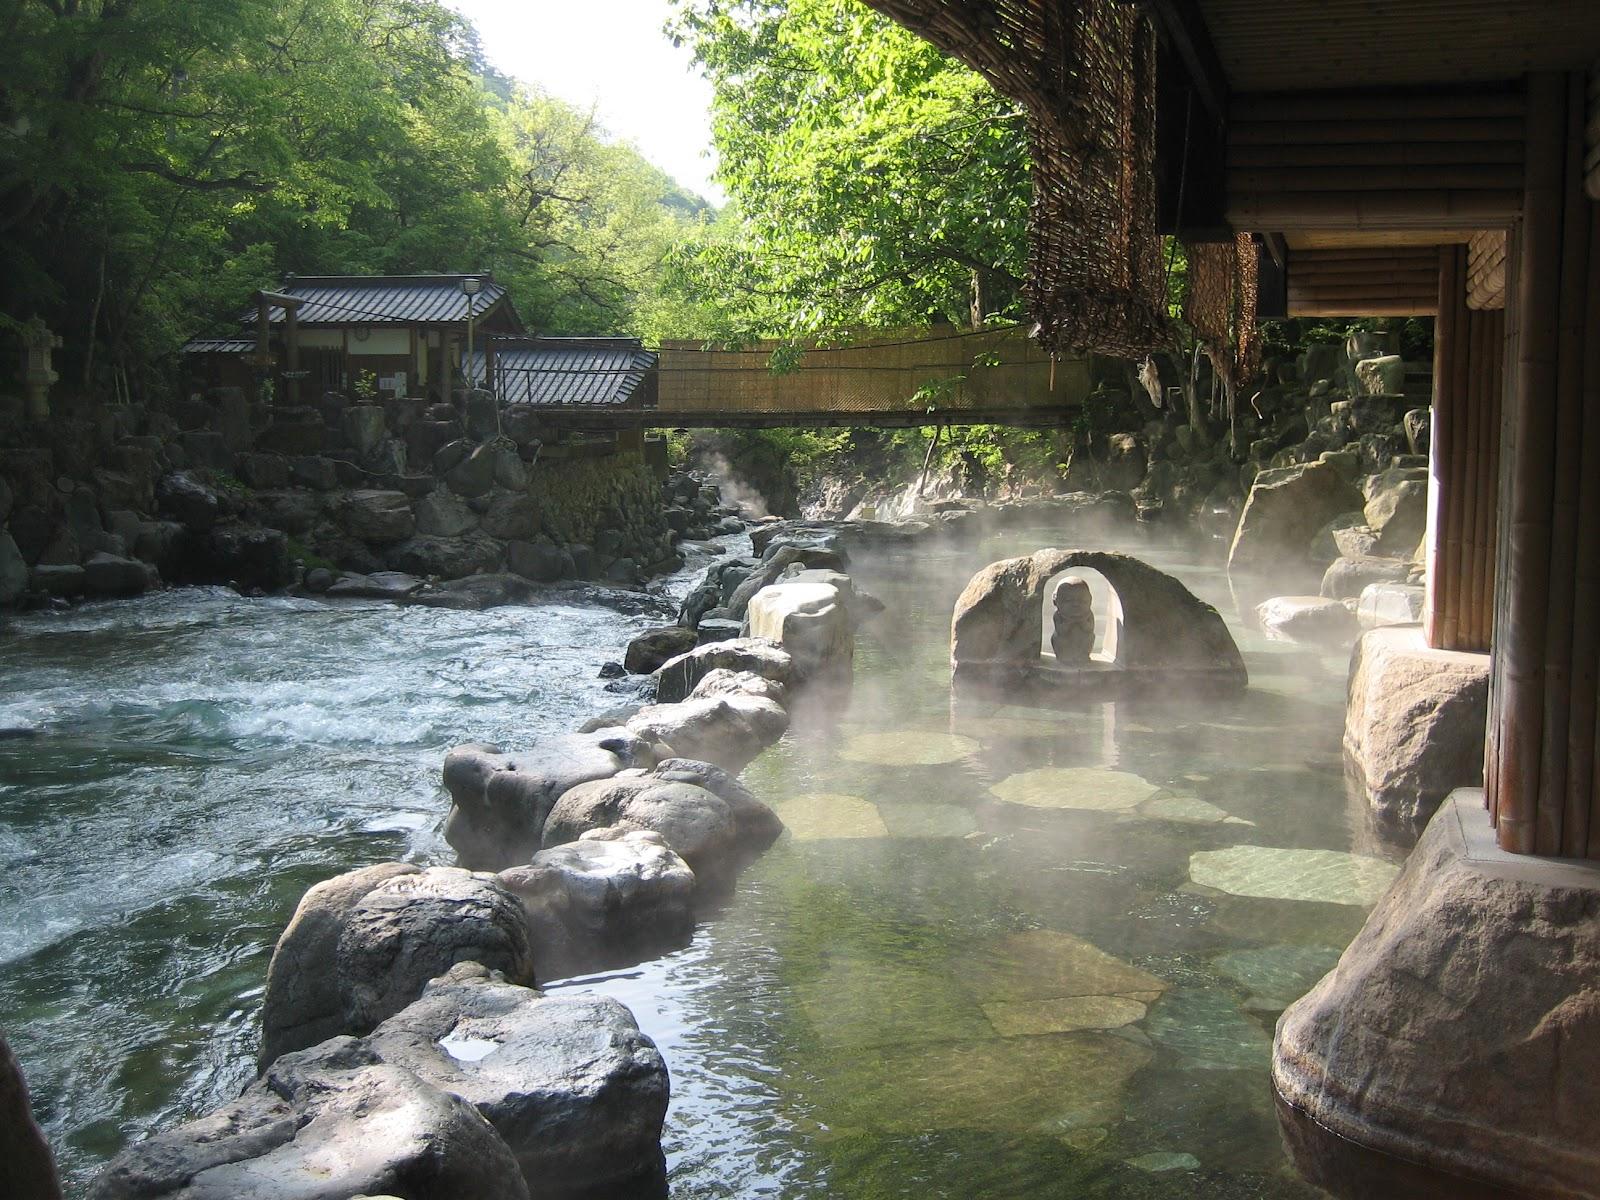 Salle De Bain Japonaise France dans le bain au japon : pourquoi , où et comment ? - tour du